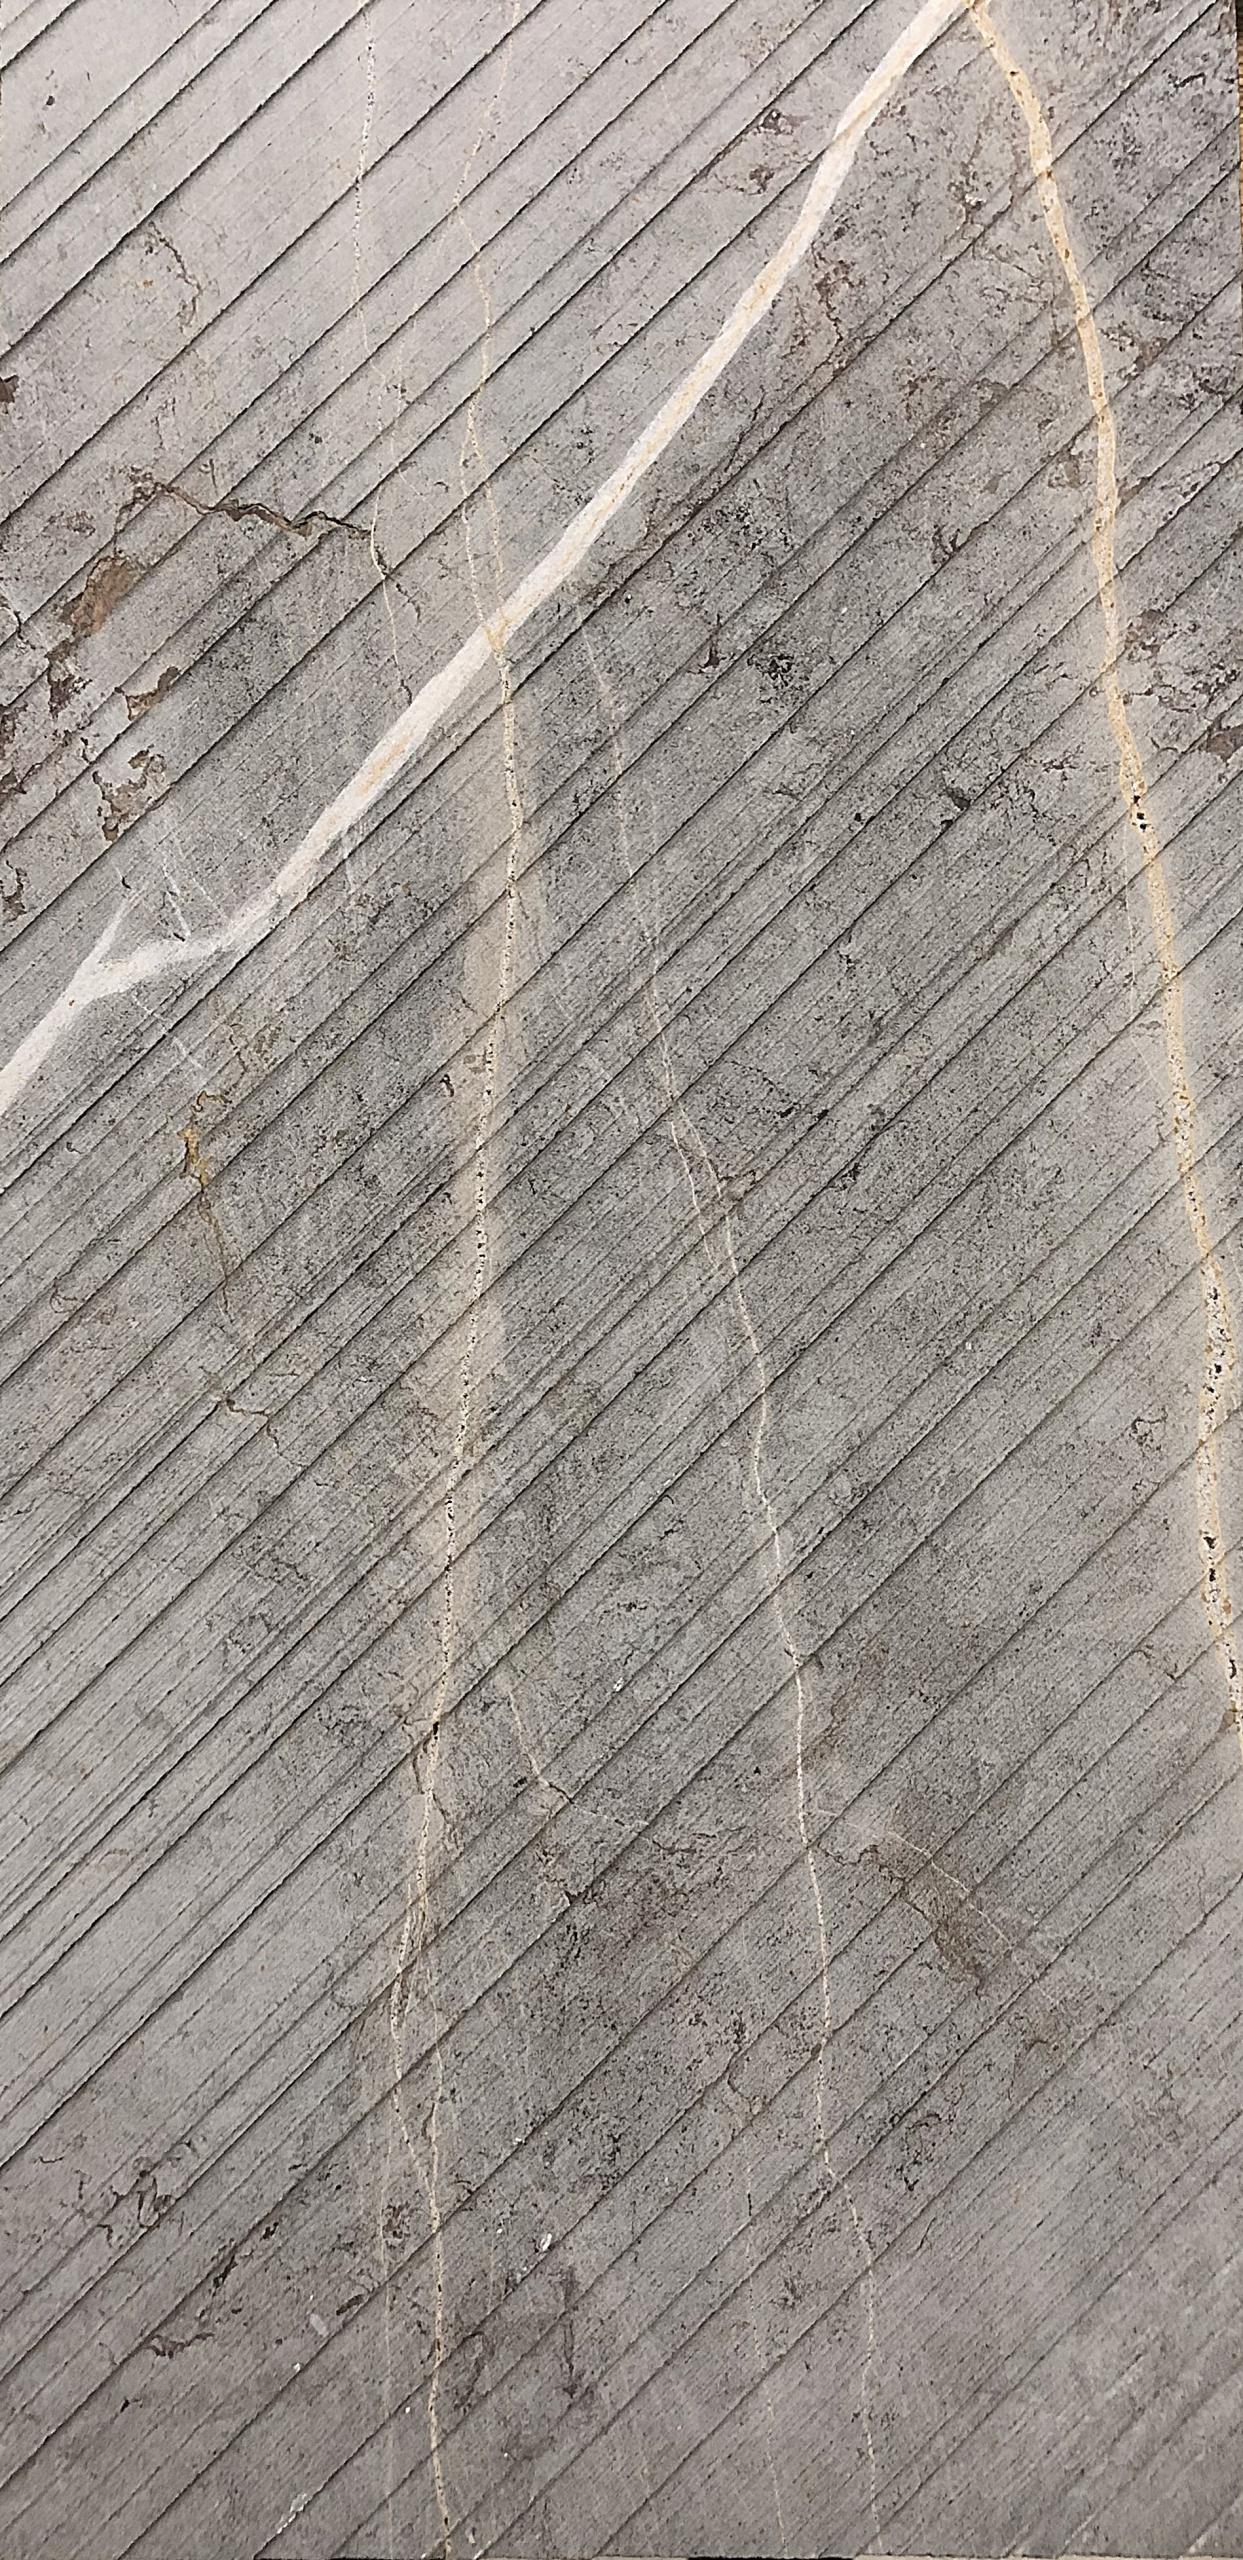 אבן חומה עם גידים זהב לחיפוי קיר בעיבוד מיוחד